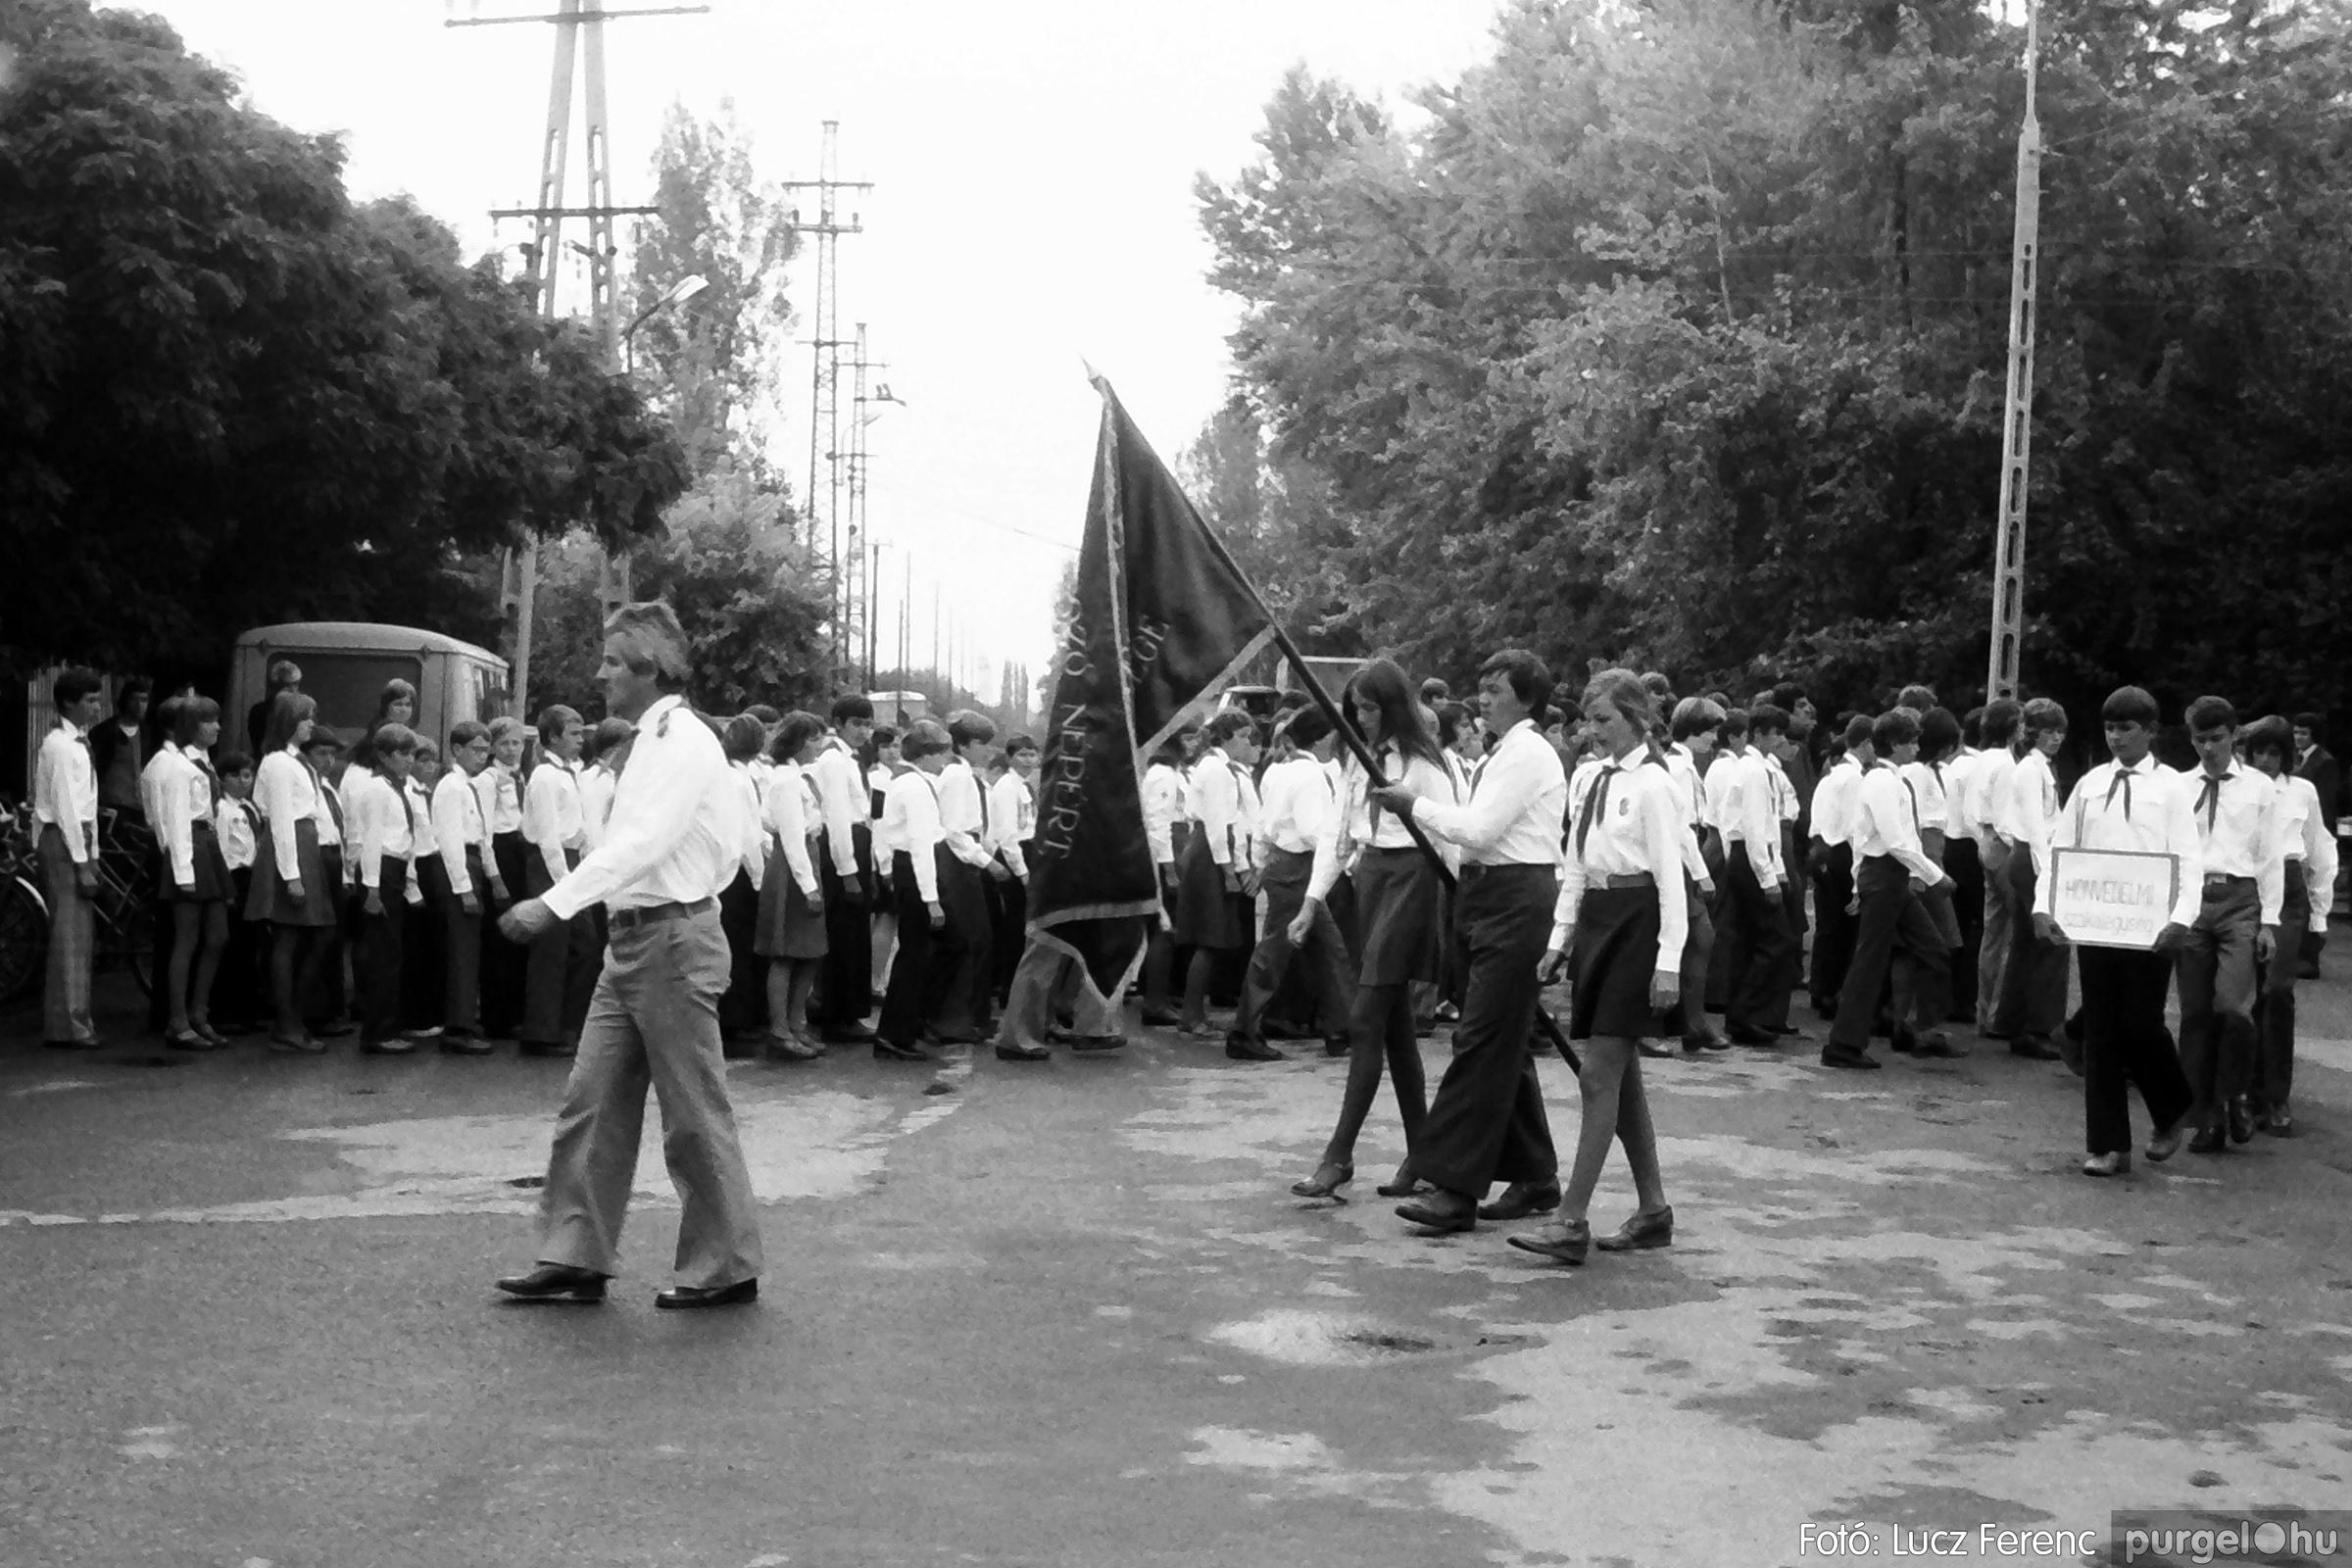 090. 1977. Úttörő gárda - ifjú gárda seregszemle 024. - Fotó: Lucz Ferenc.jpg